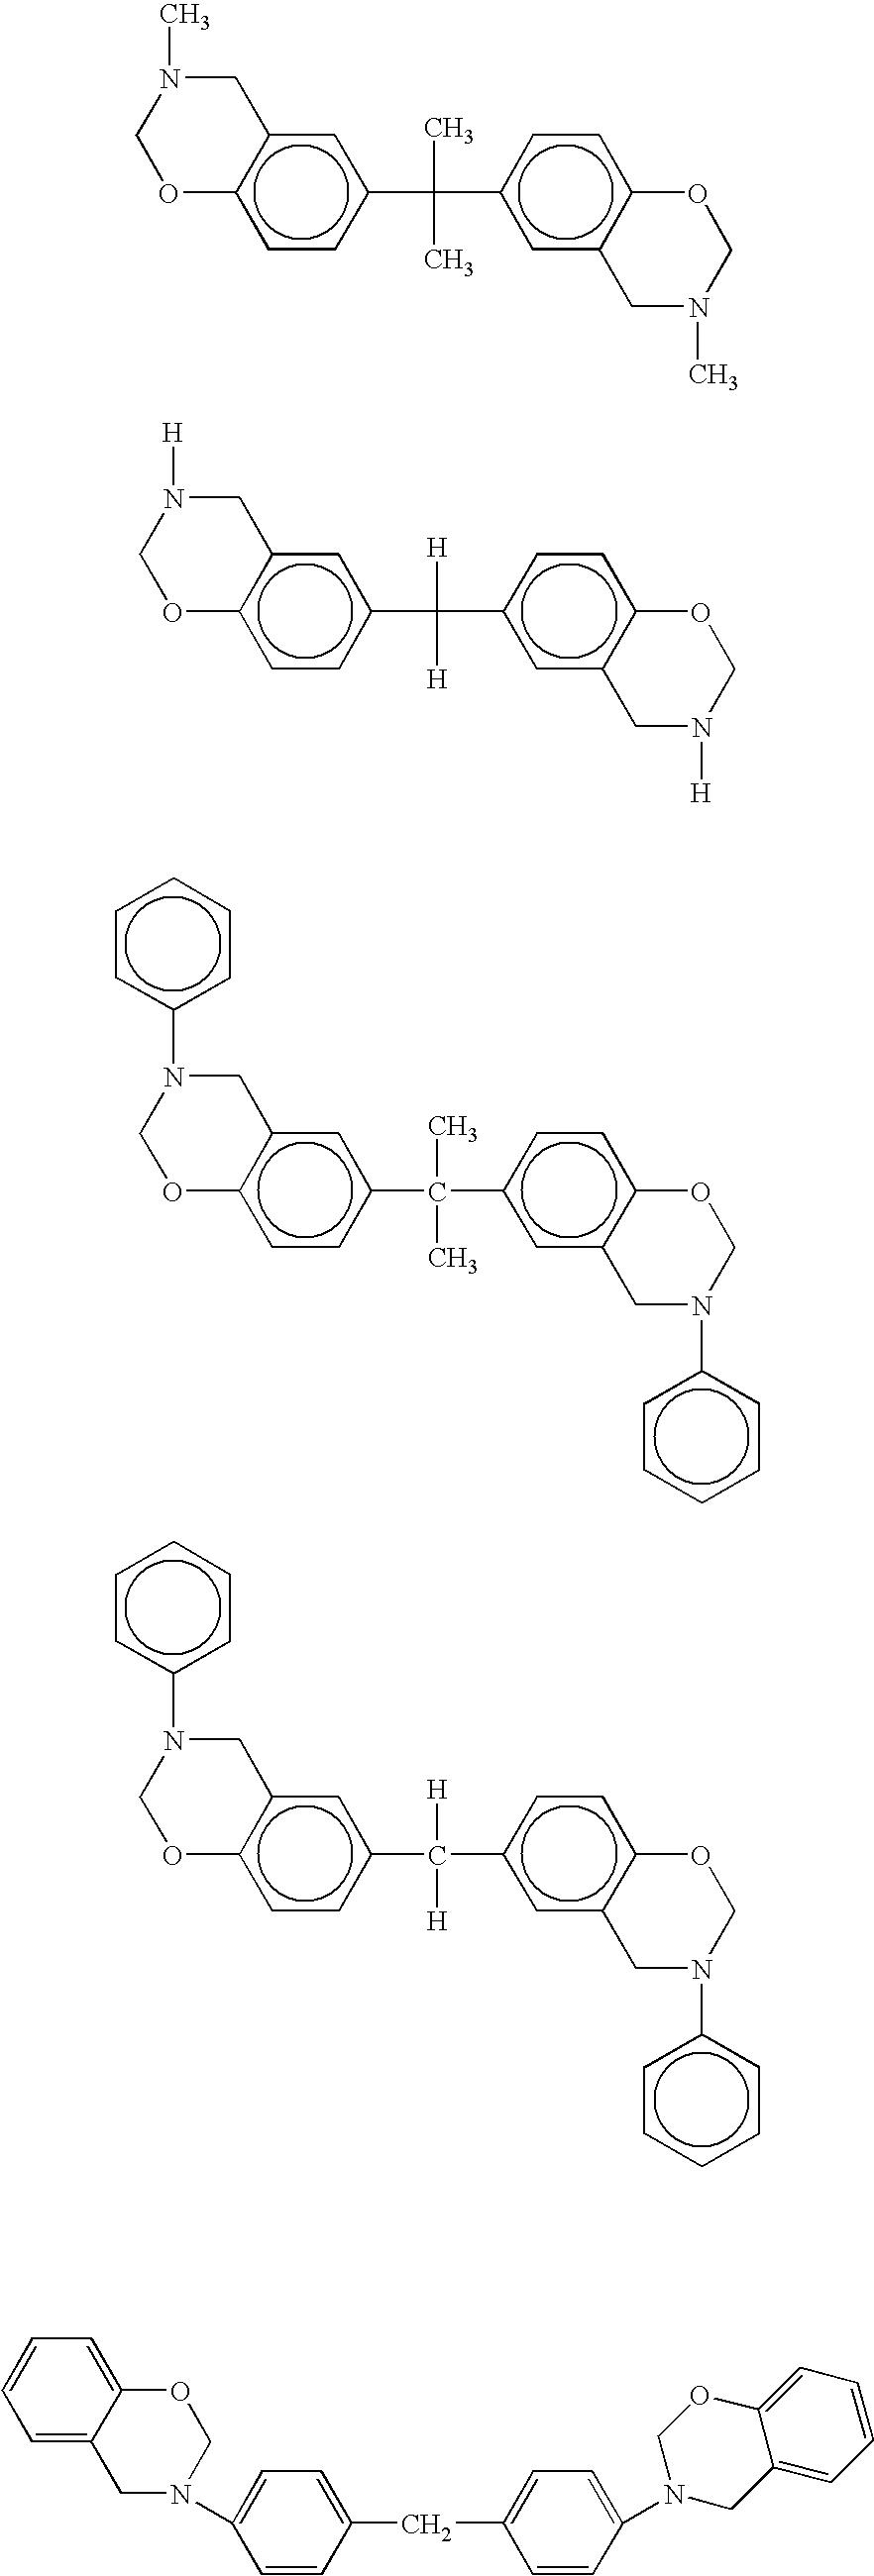 Figure US07537827-20090526-C00020